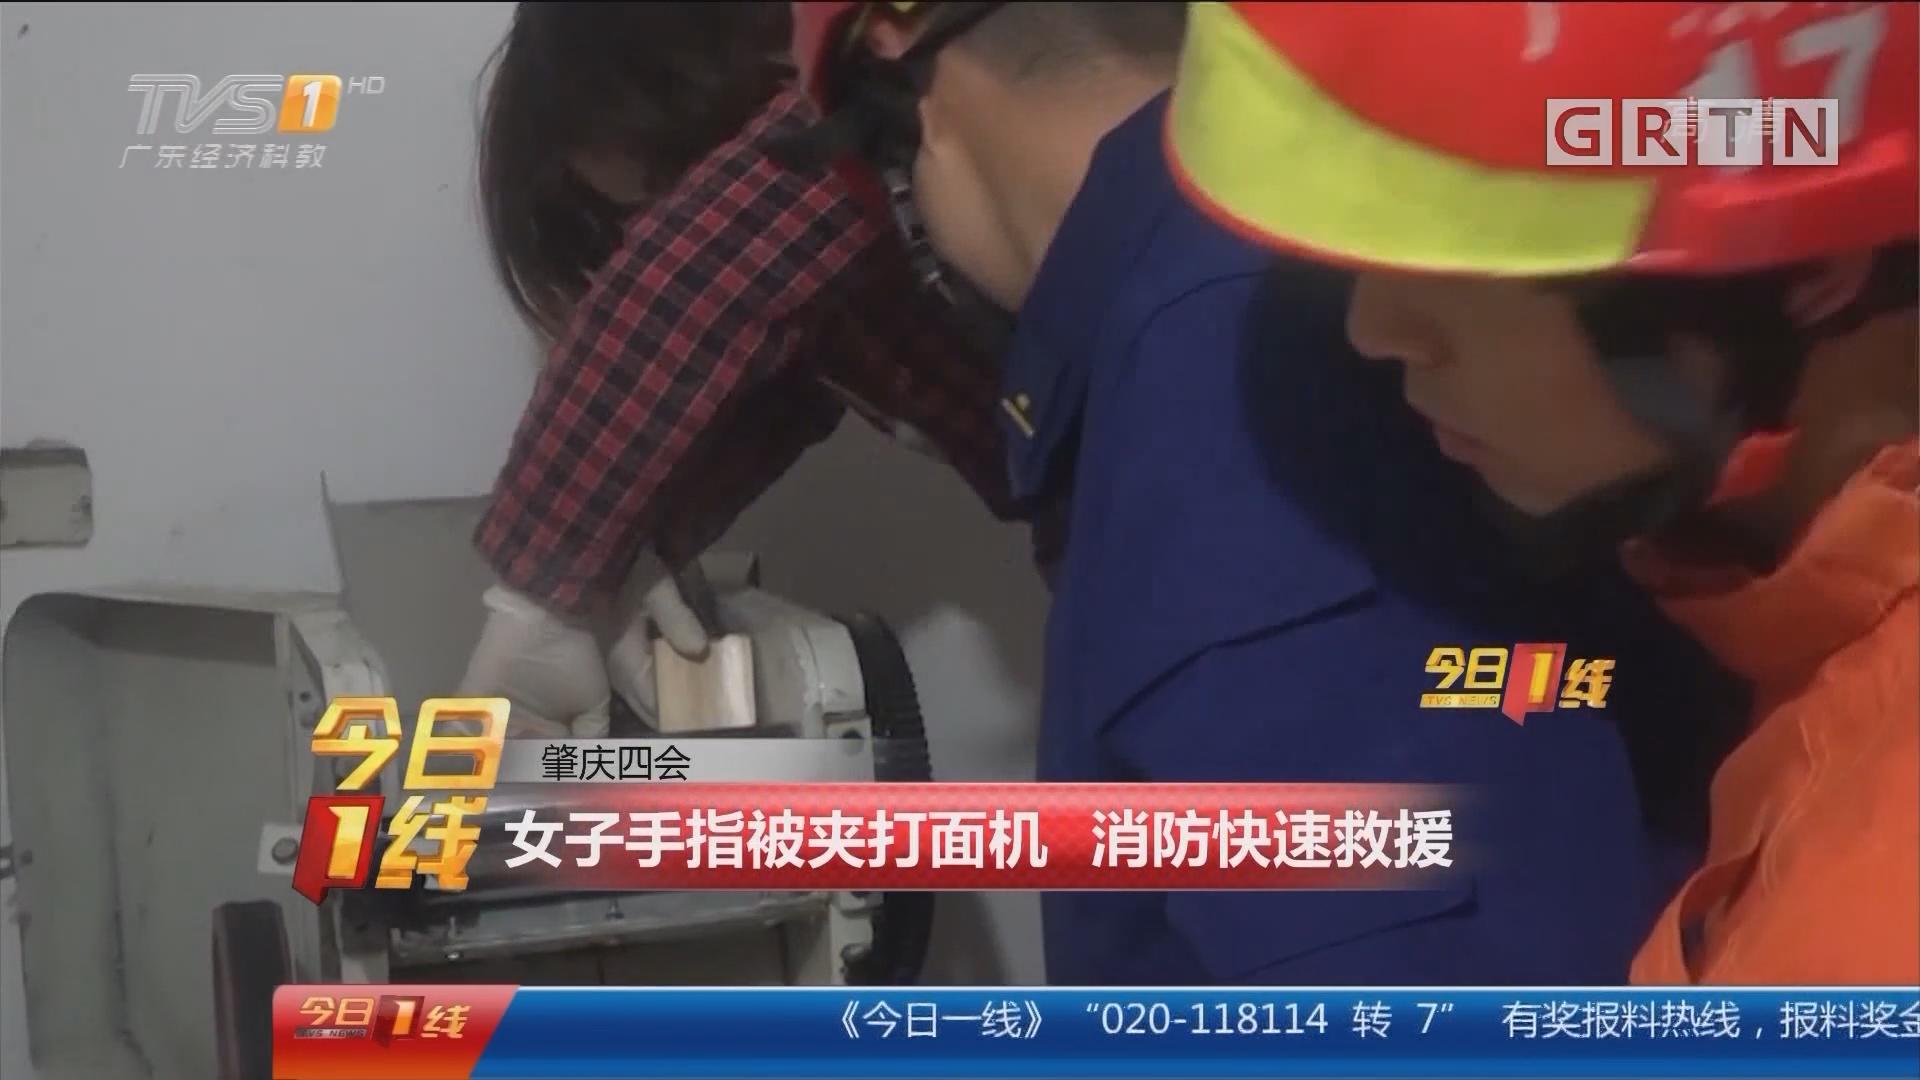 肇庆四会:女子手指被夹打面机 消防快速救援